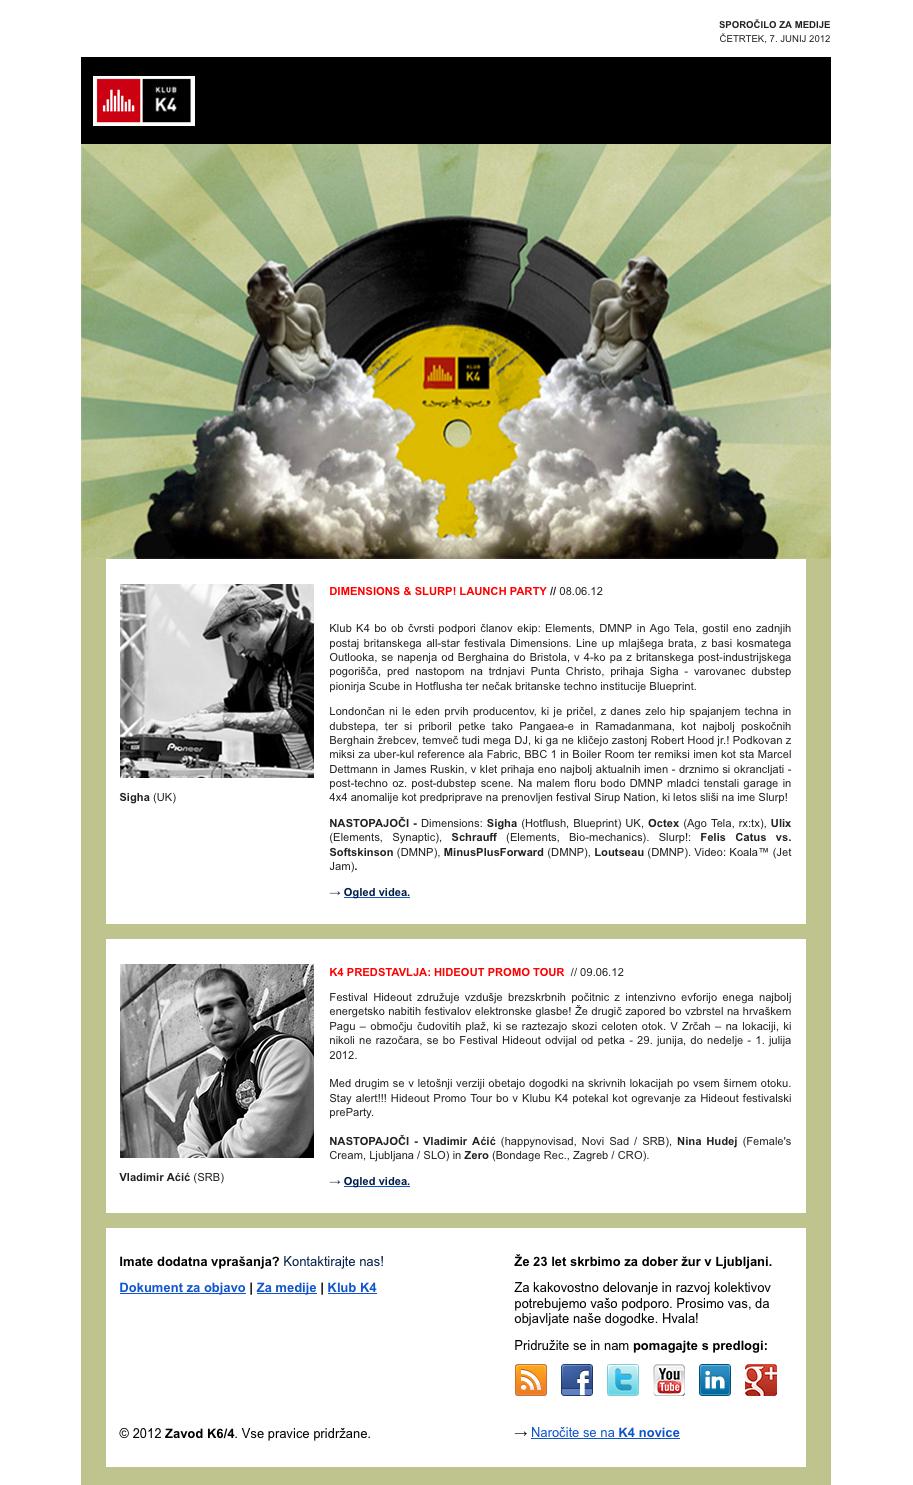 Newsletter: www.klubk4.org